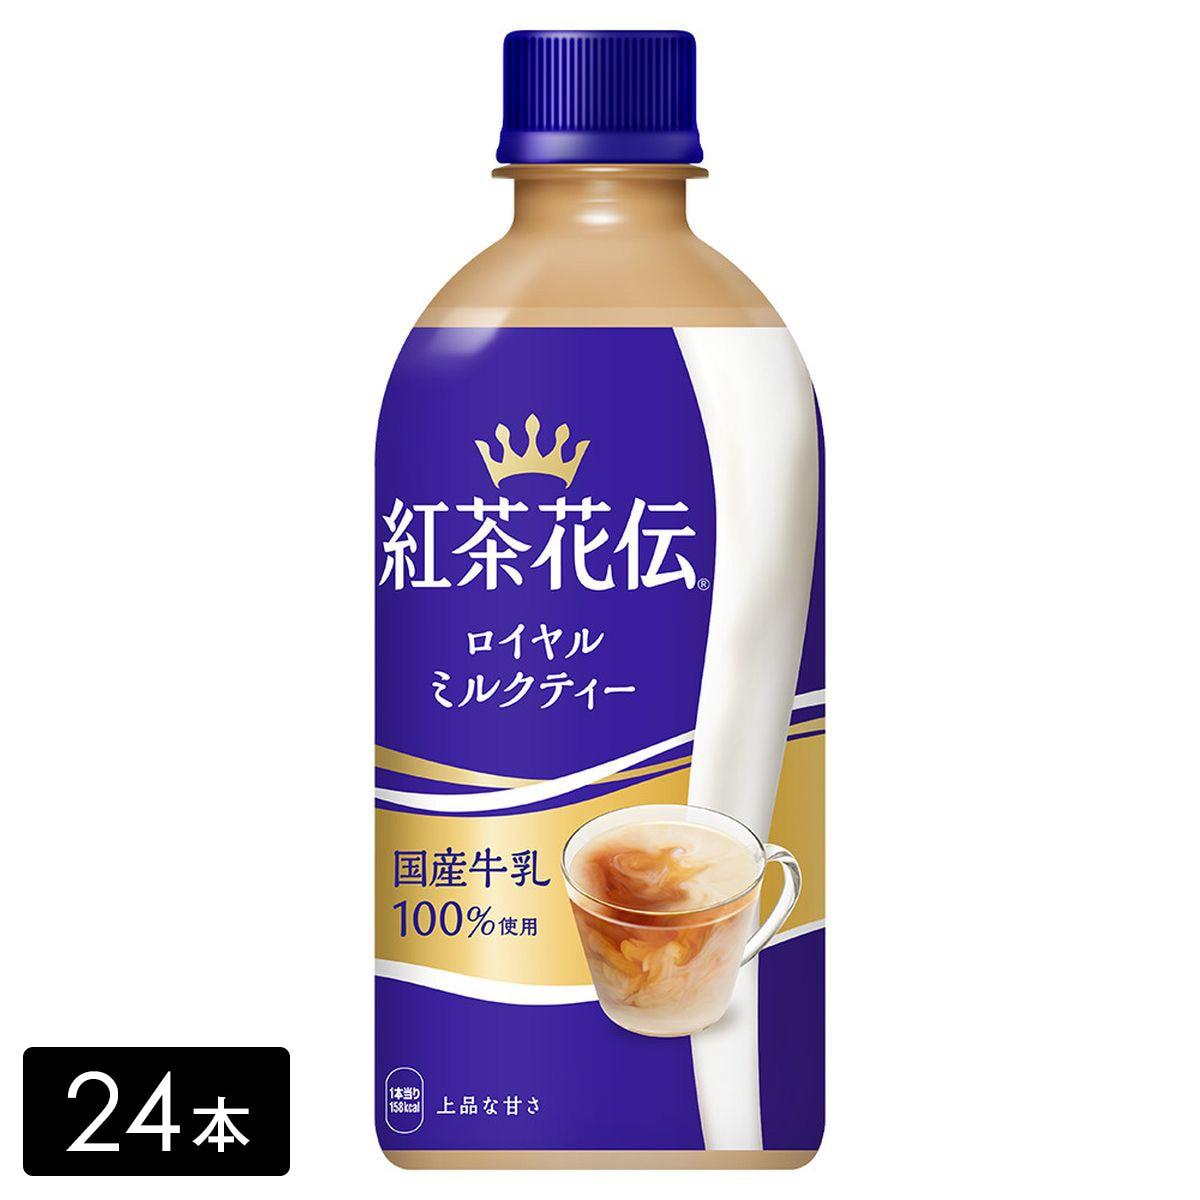 紅茶花伝 ロイヤルミルクティー 440mL×24本